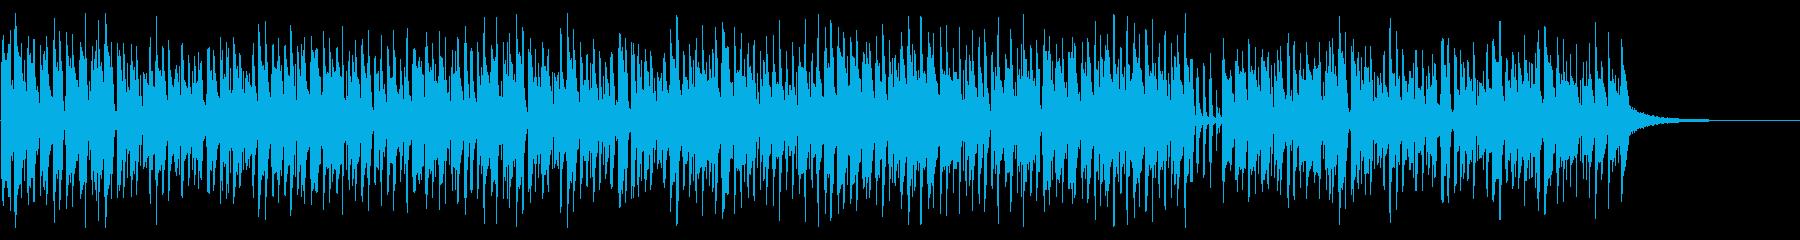 アコーディオンの陽気な曲「楽しい買い物」の再生済みの波形